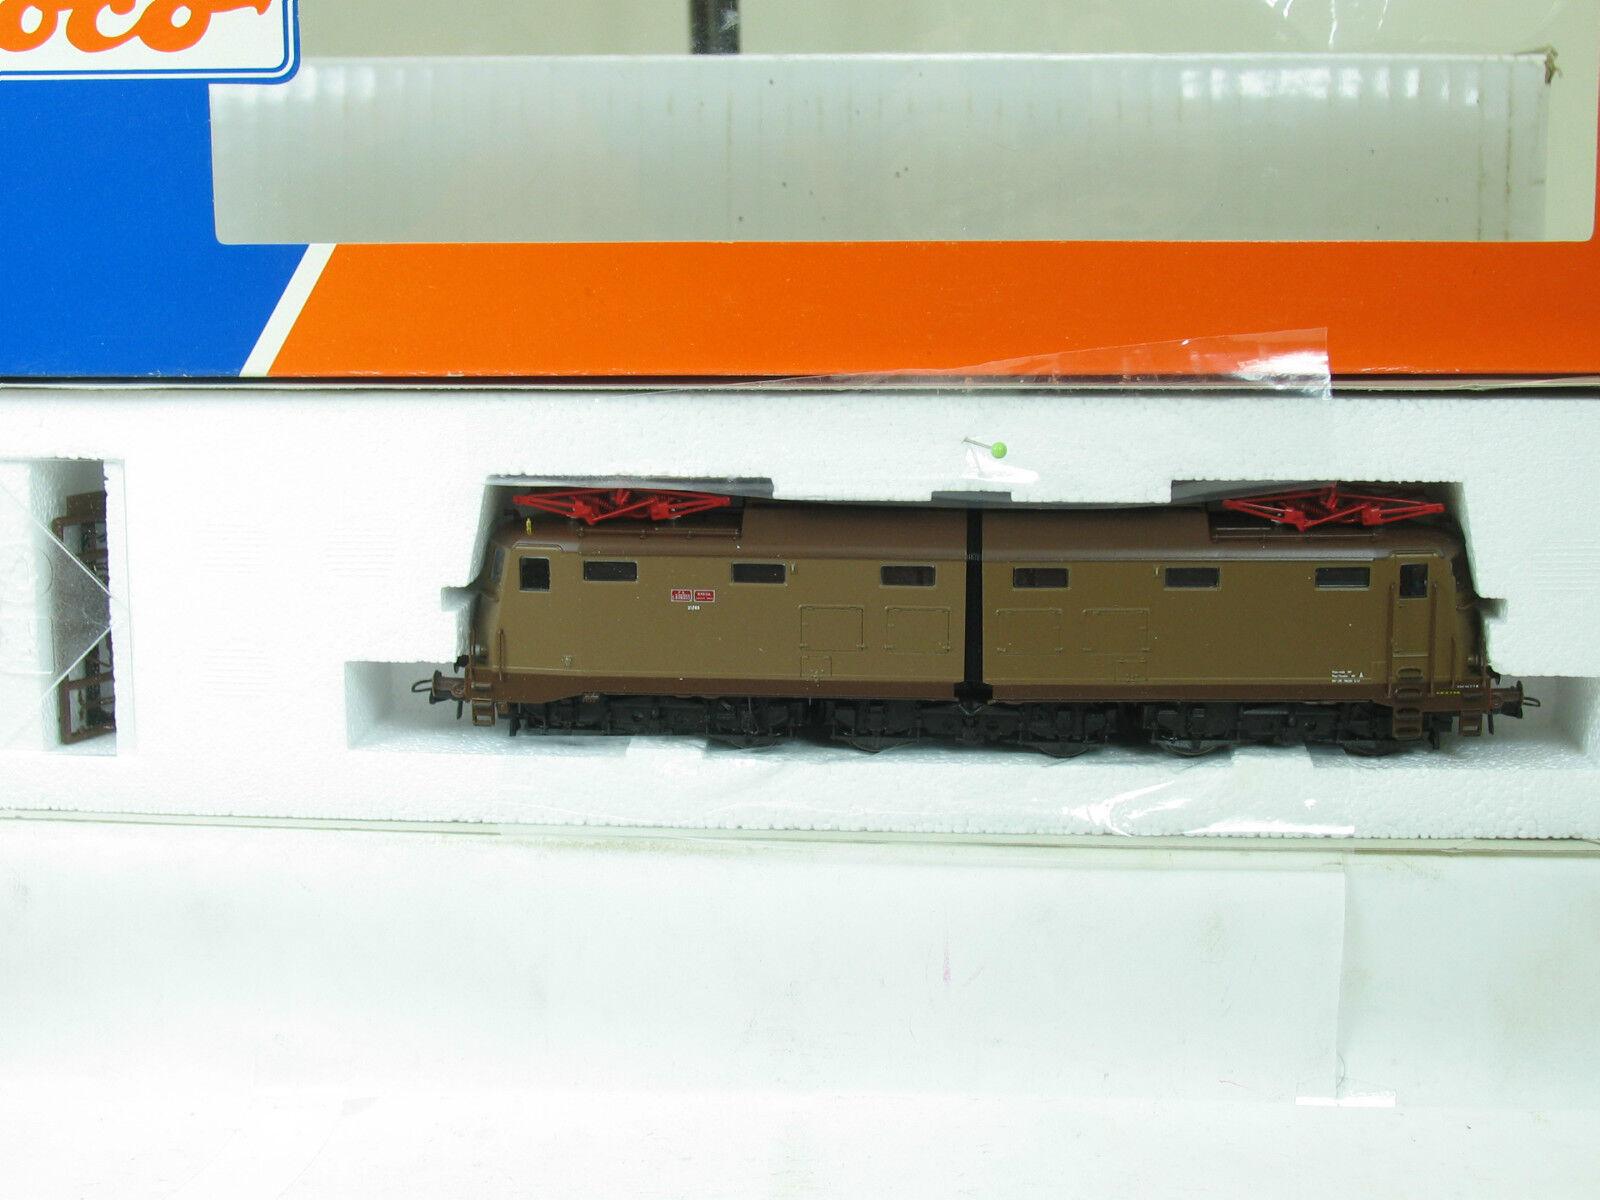 ROCO h0 43605 E-Lok BR 636.055 Marrone delle FS b1655